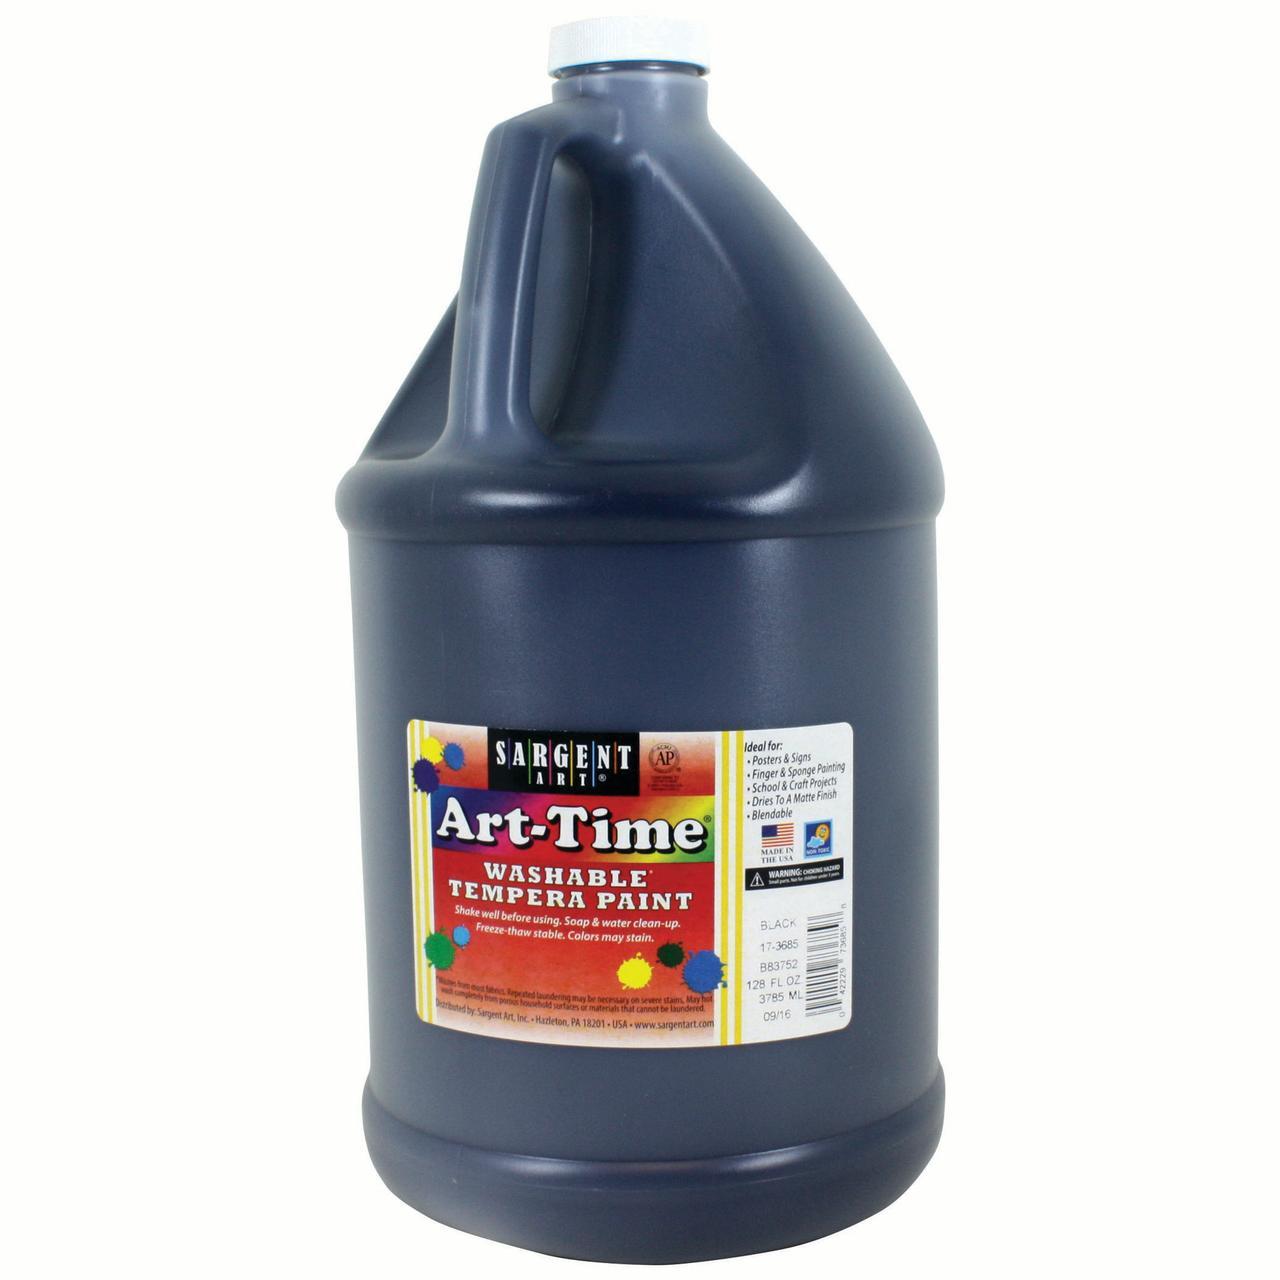 Art -Time® Washable Tempera Paint, Black, Gallon